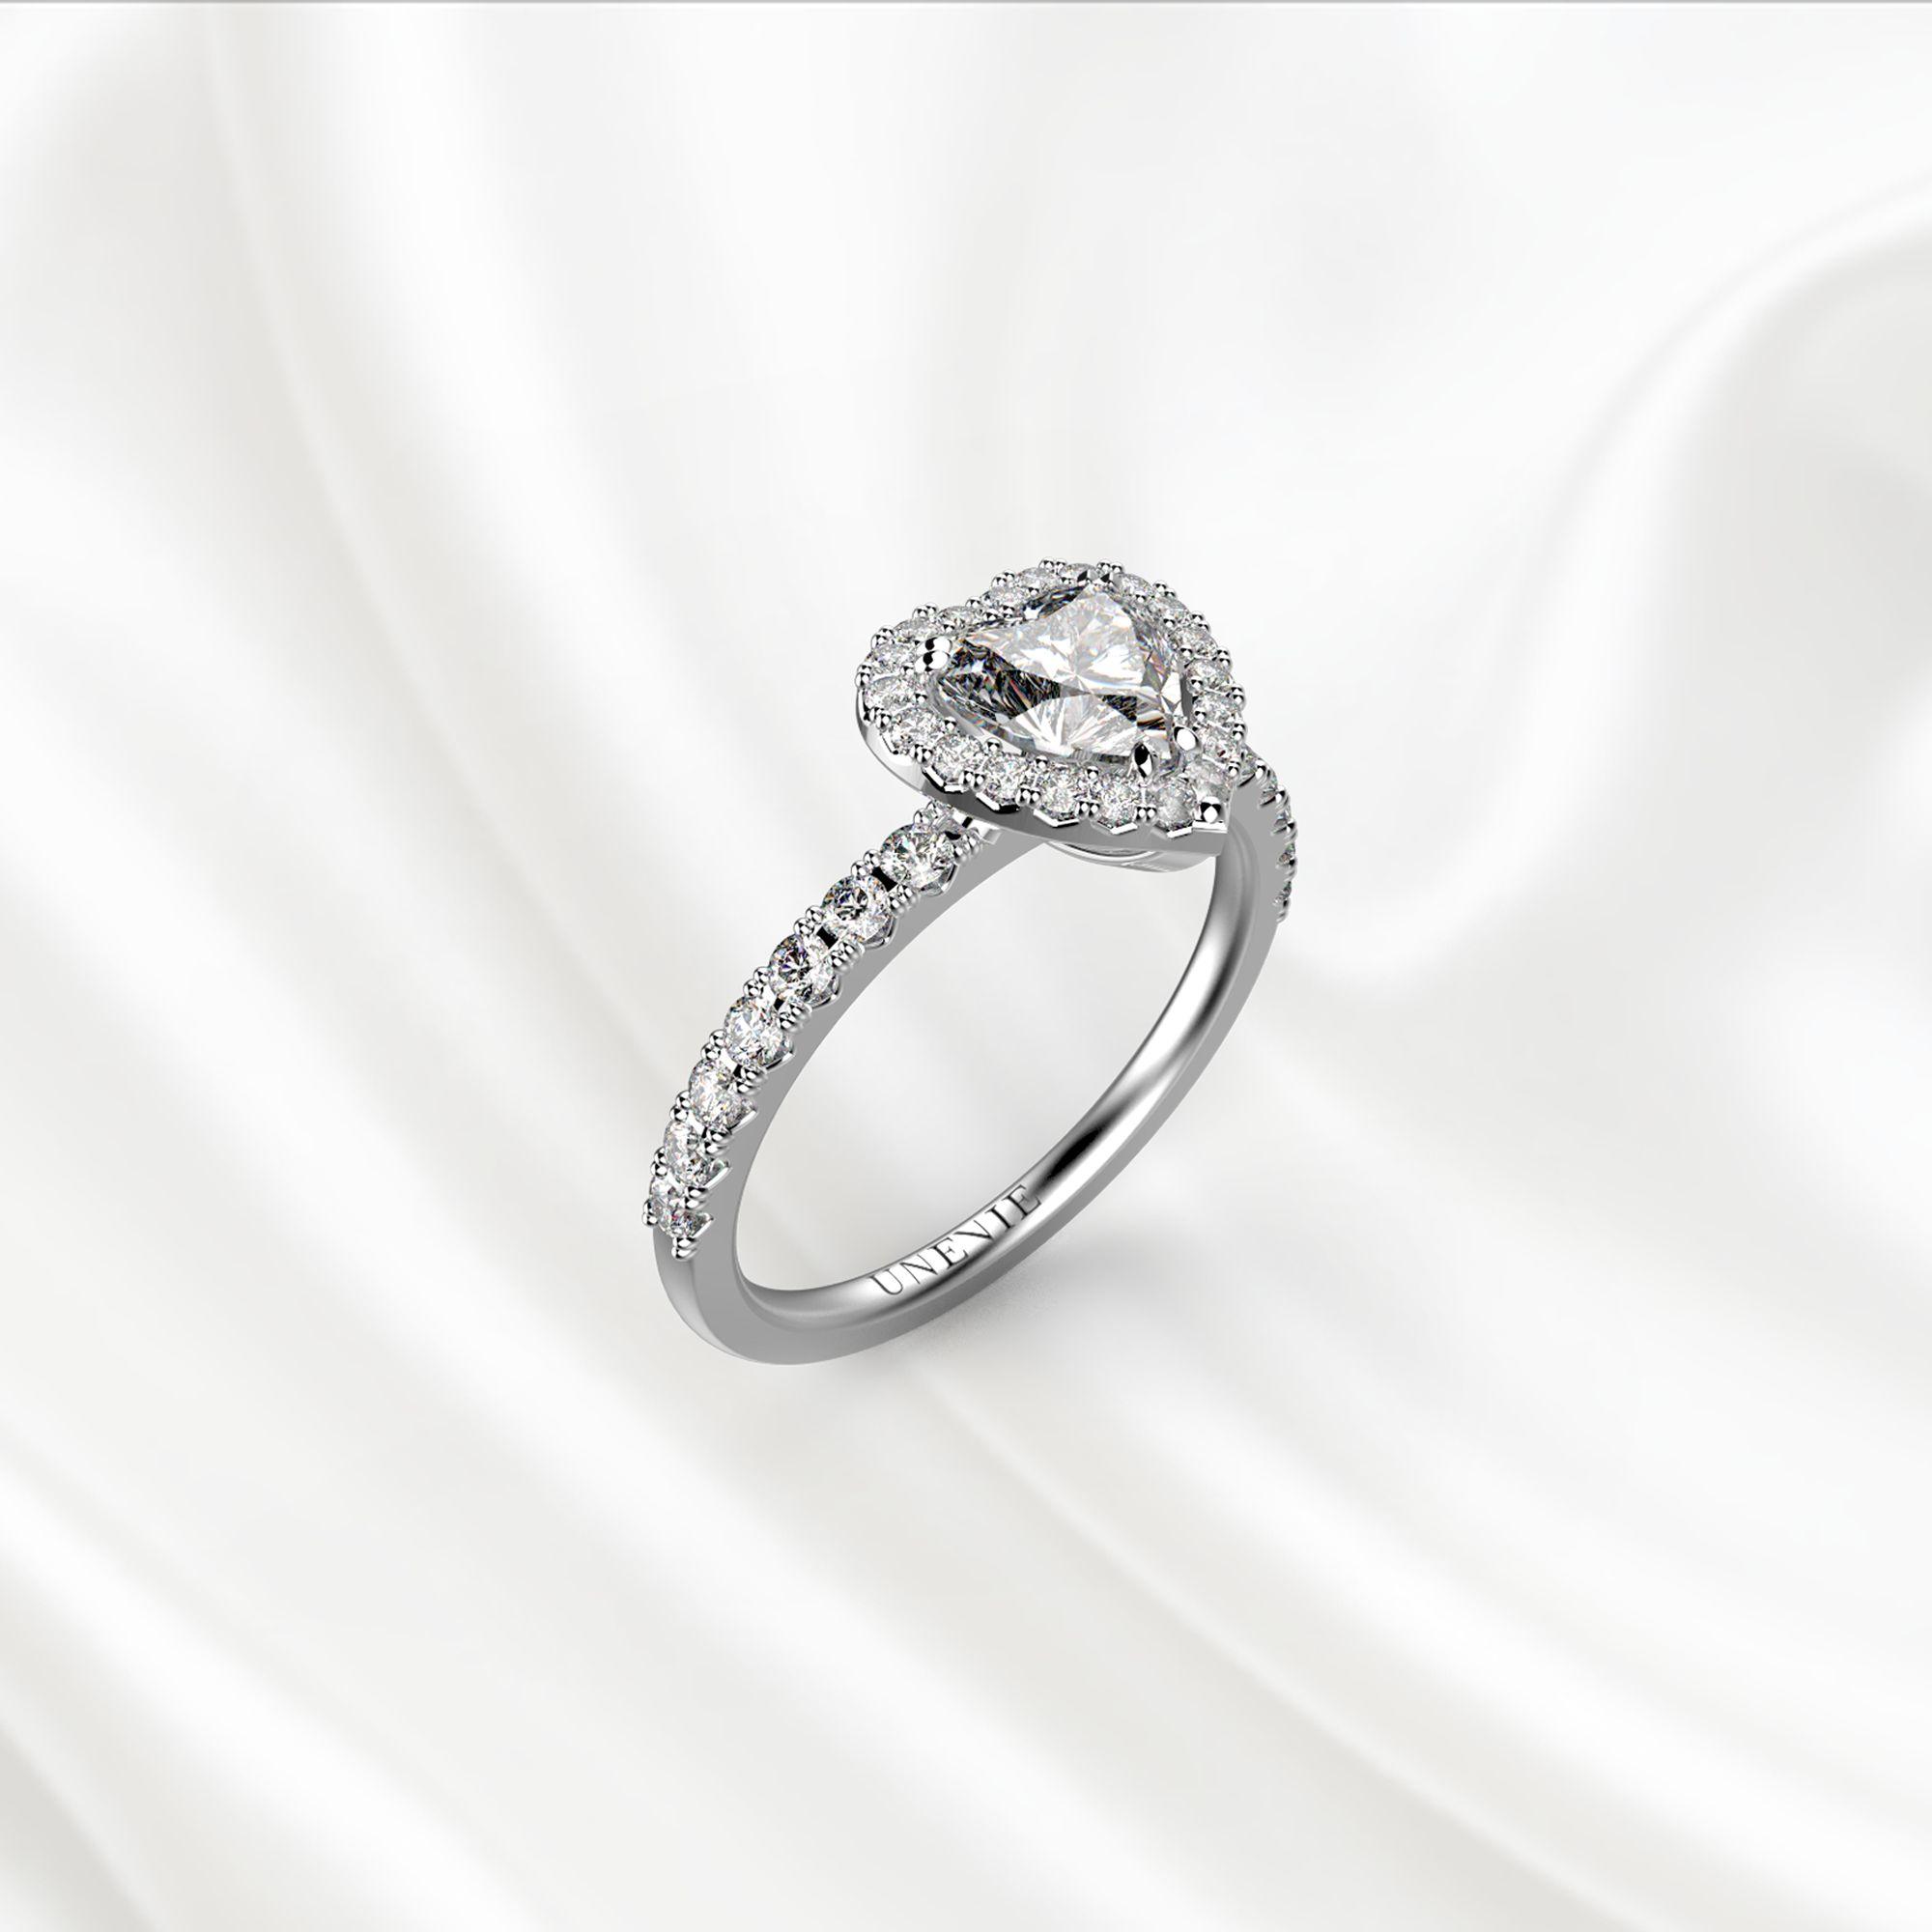 N19 Помолвочное кольцо из белого золота с бриллиантом 0.35 карат